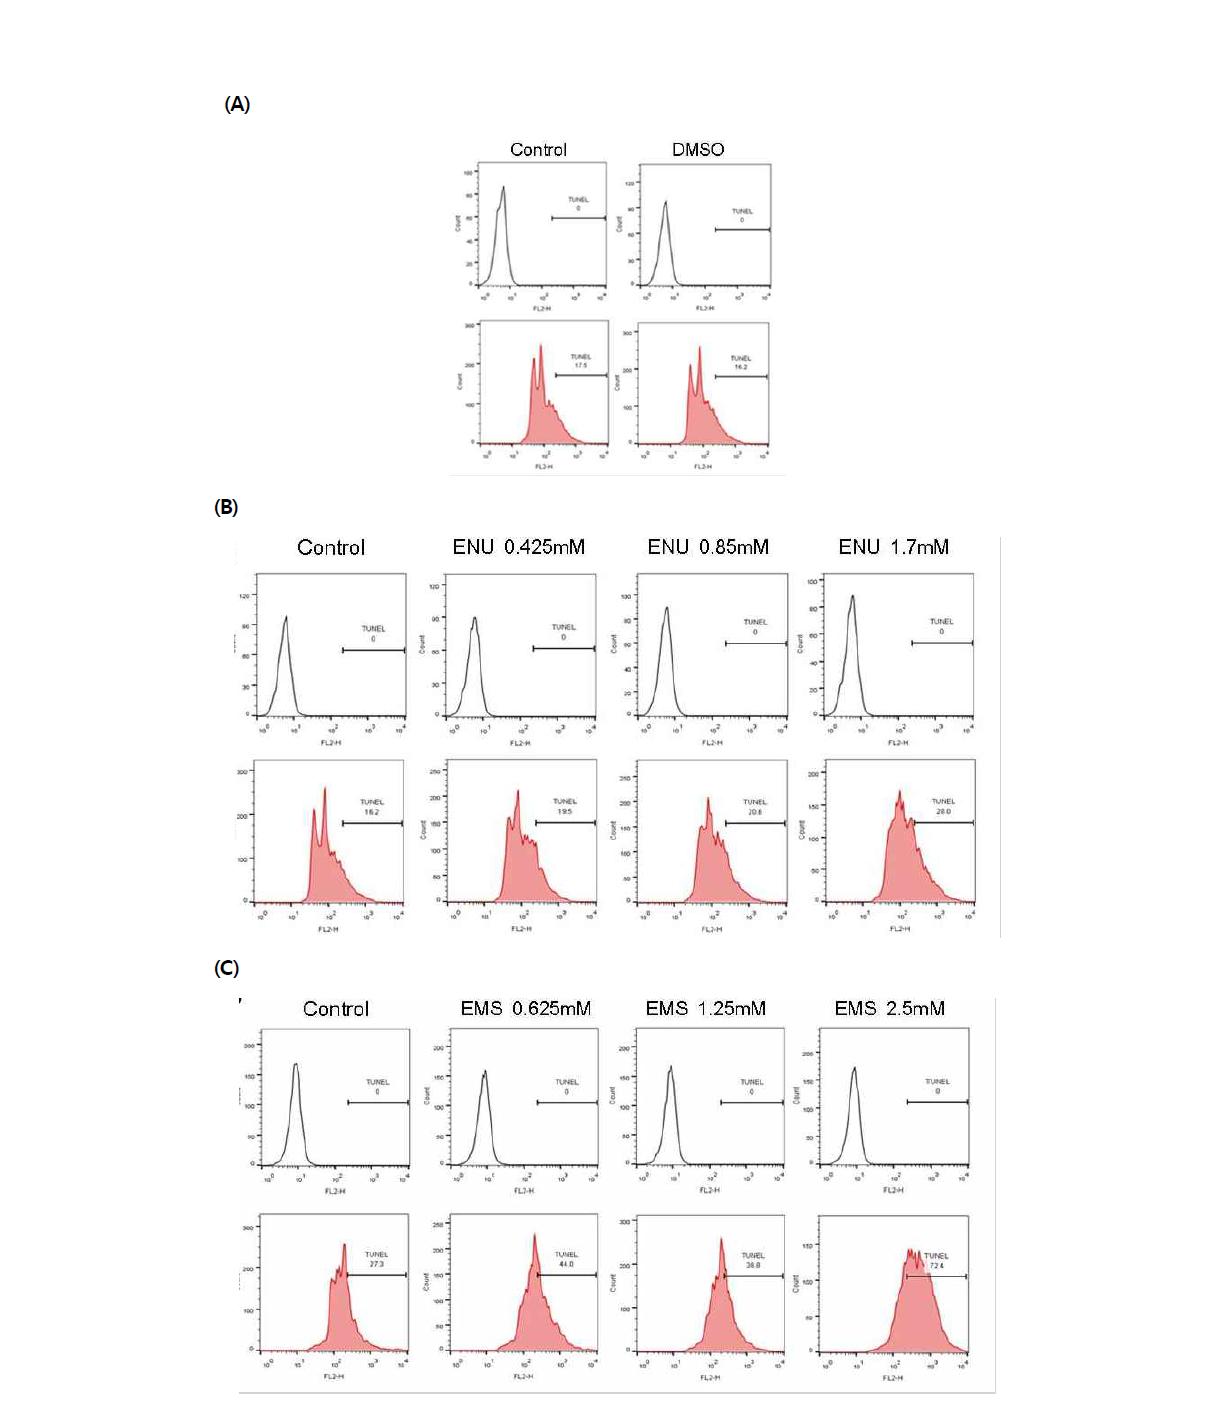 TUNEL assay를 이용한 대조 물질에 대한 수컷 생식줄기세포 독성